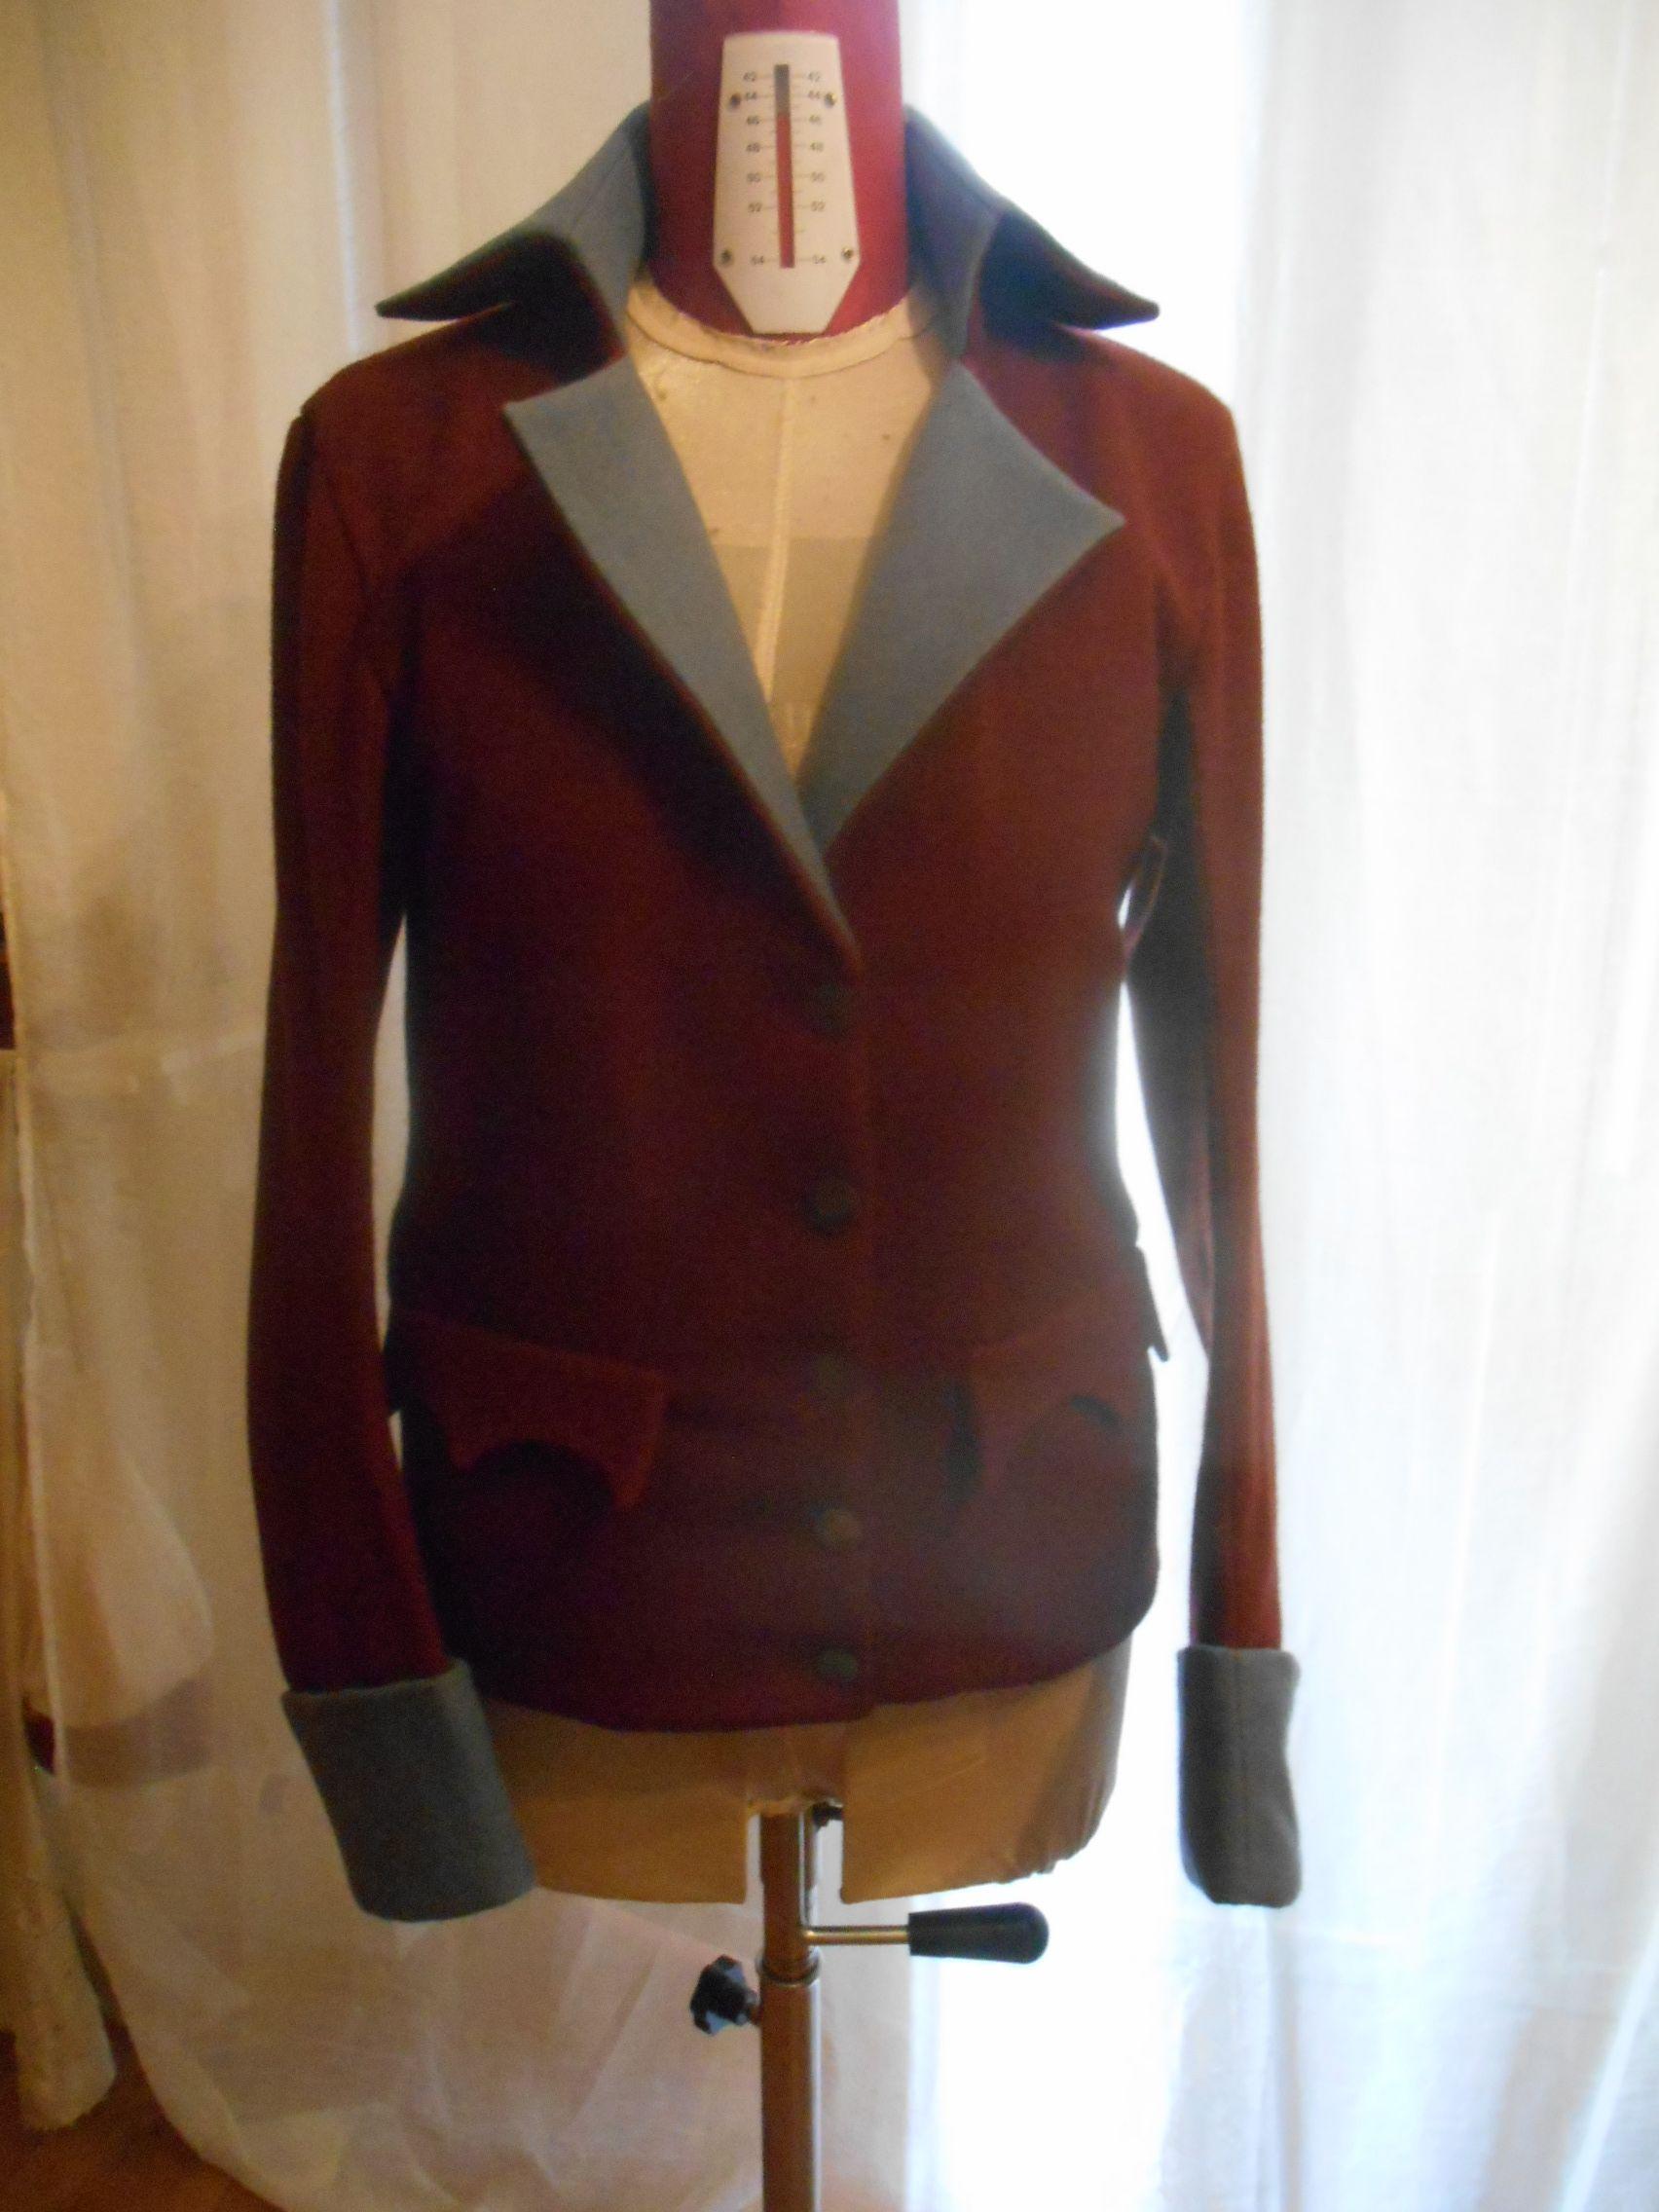 carmagnole rivoluzionaria in panno di lana doppiata,bottoni originali da scavo